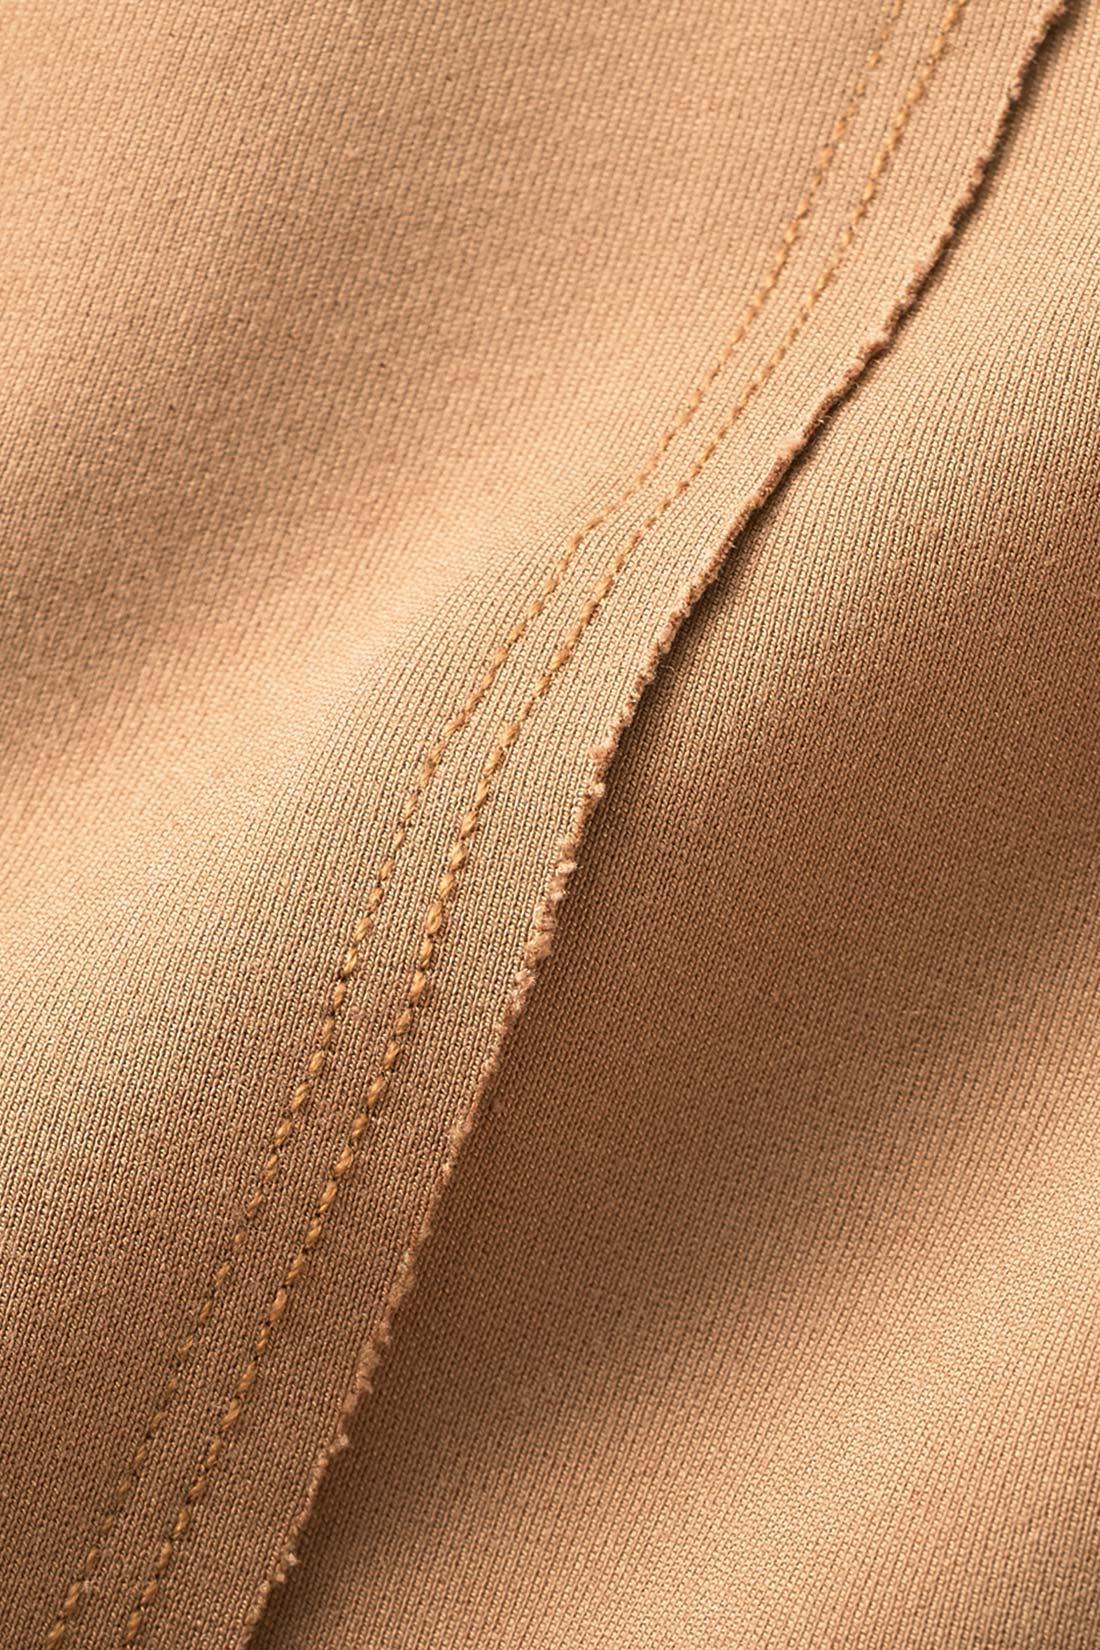 からだのラインを拾いにくいほどよい張り感と、ストレッチがきいたポンチ素材。